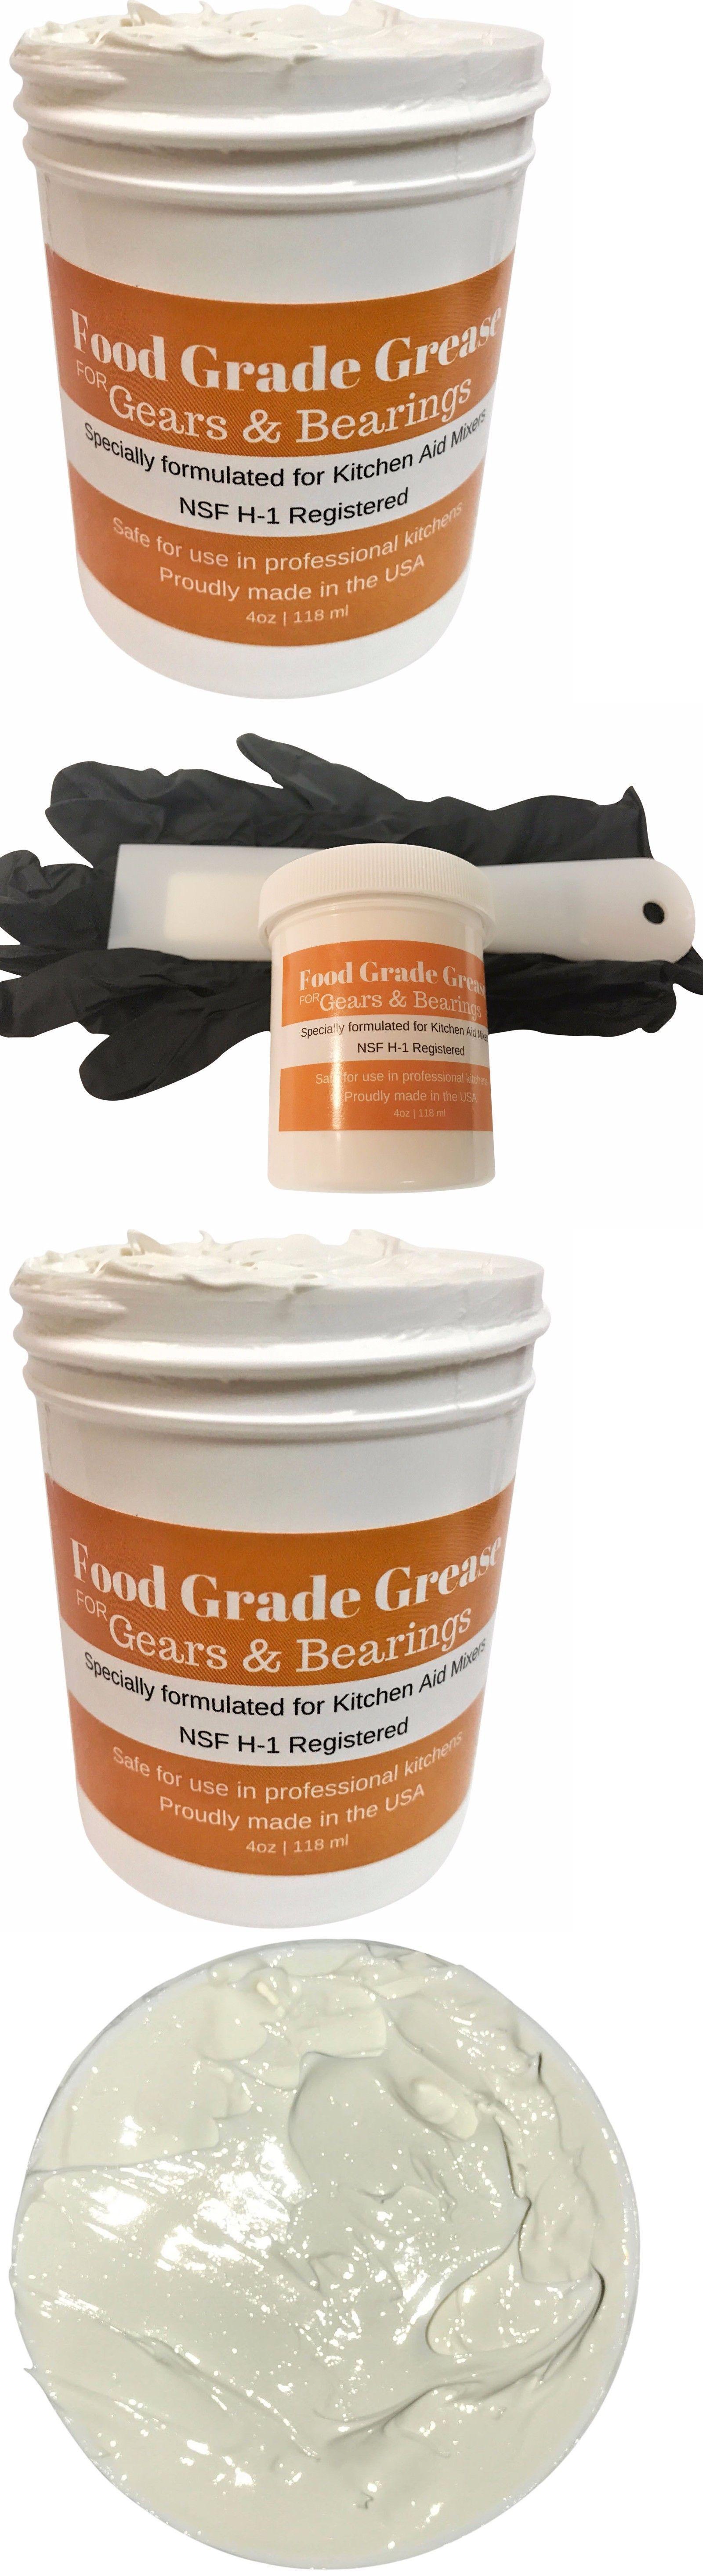 Countertop mixers 133701 repair kit 4oz food grade